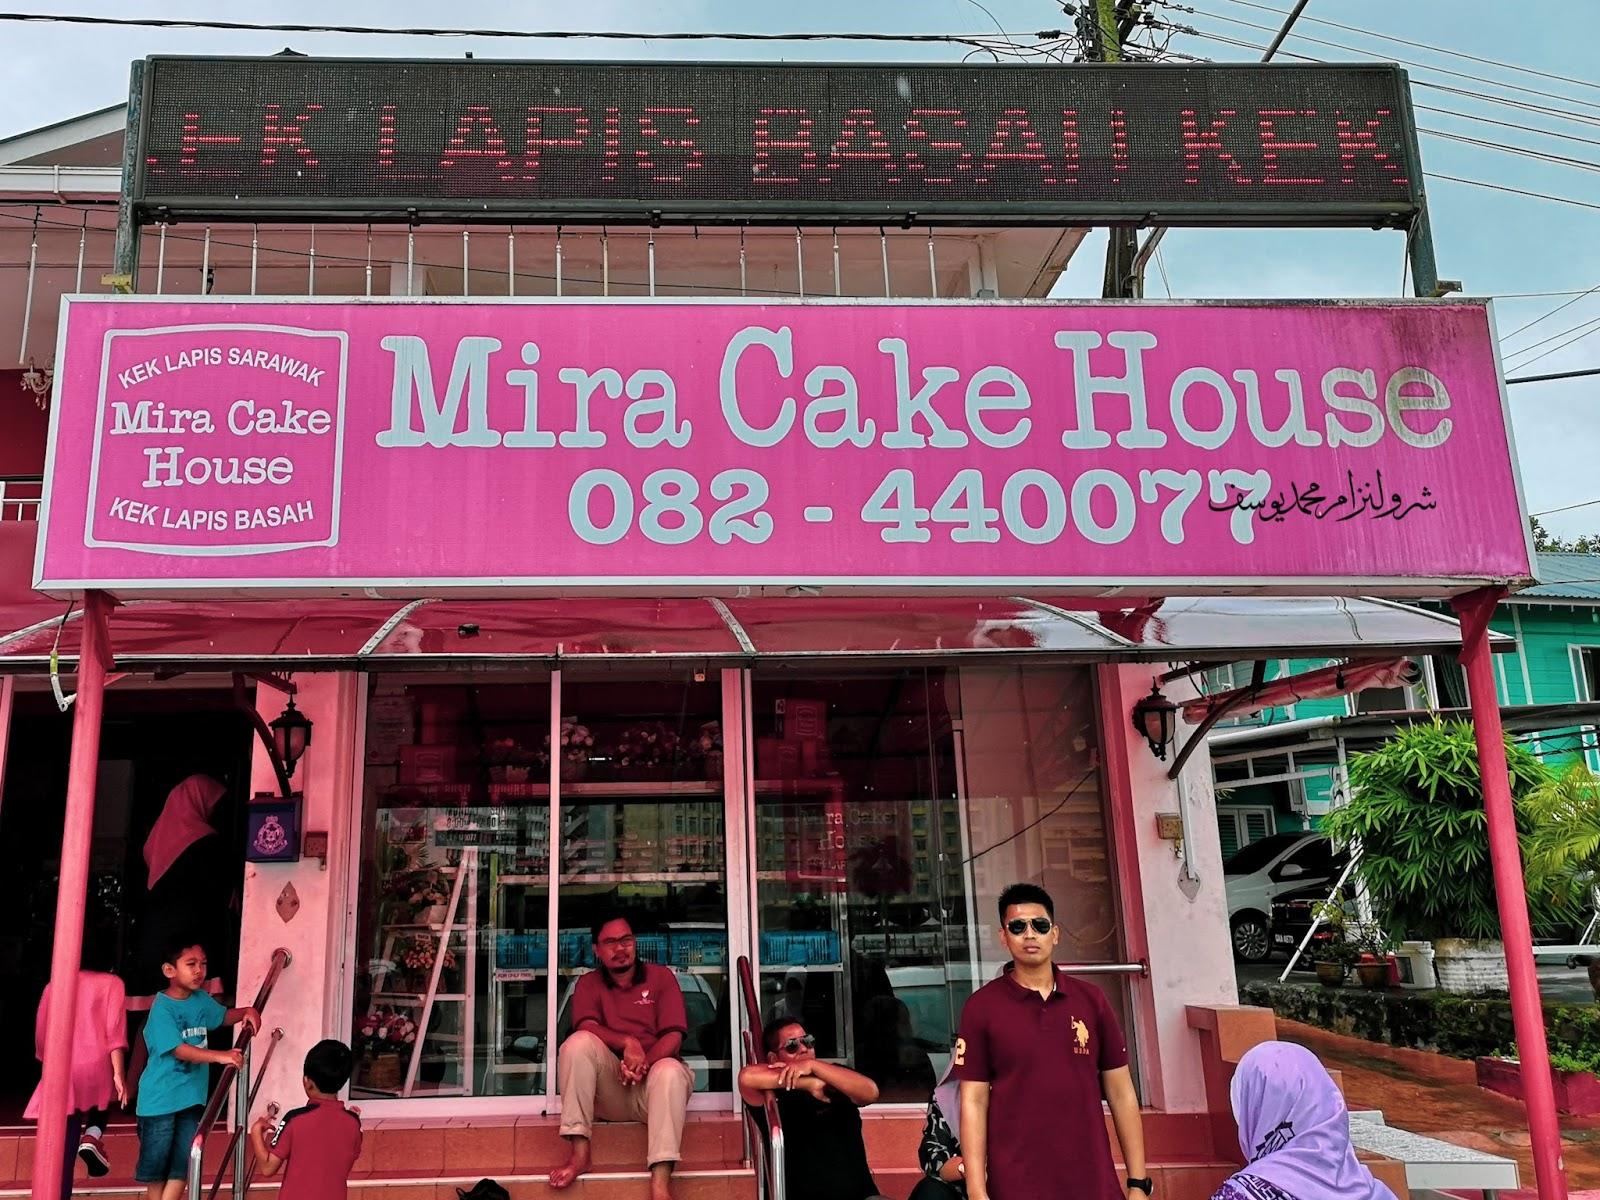 Mira Cake House